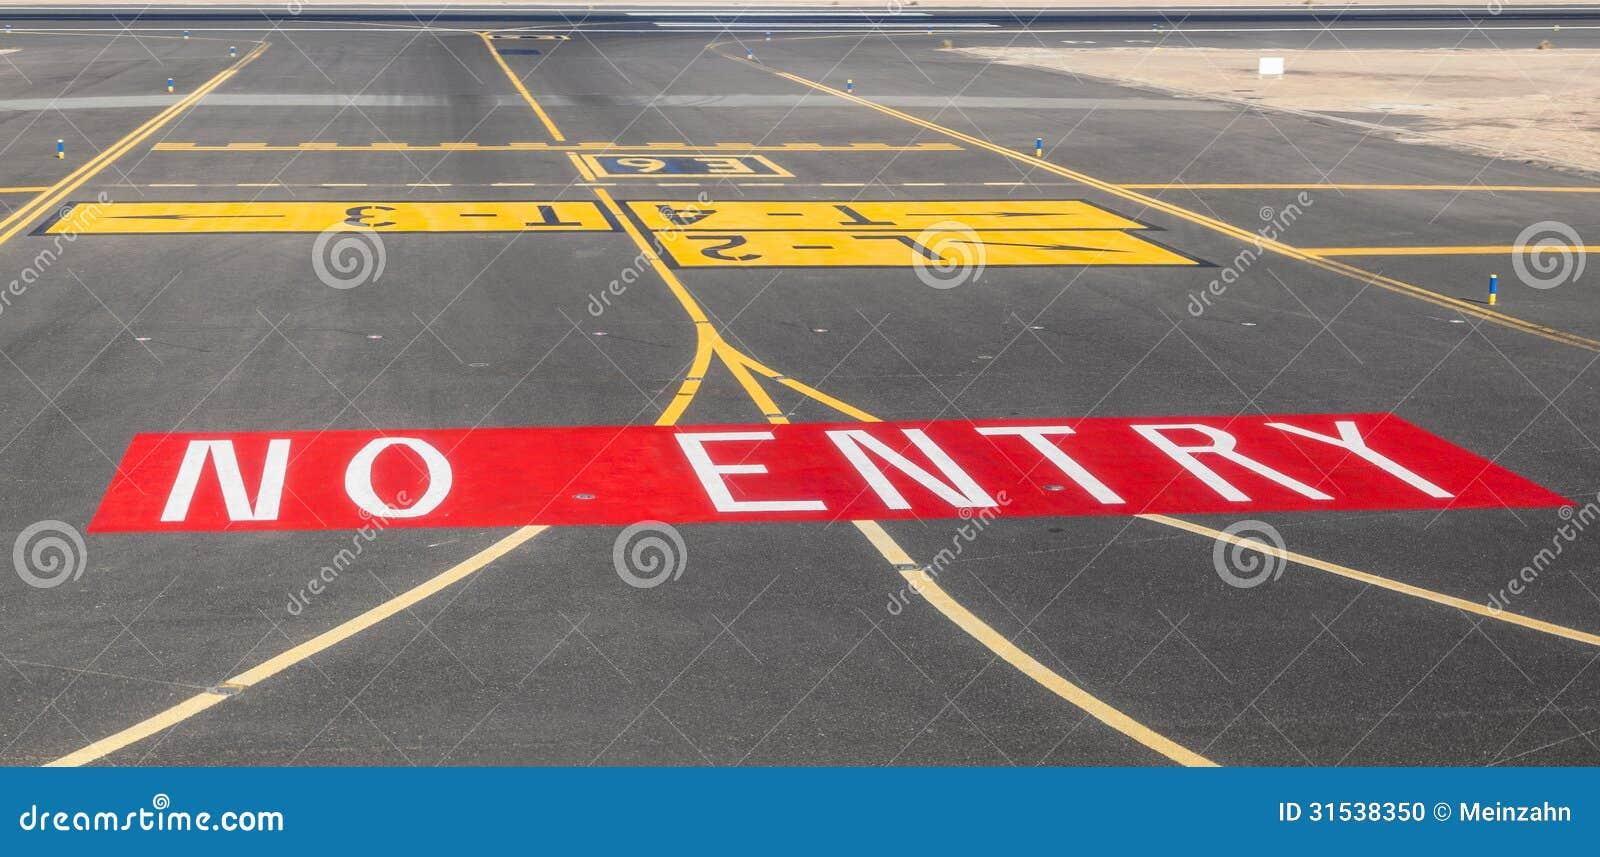 No Entry Sign At The Runway Stock Photo Image 31538350